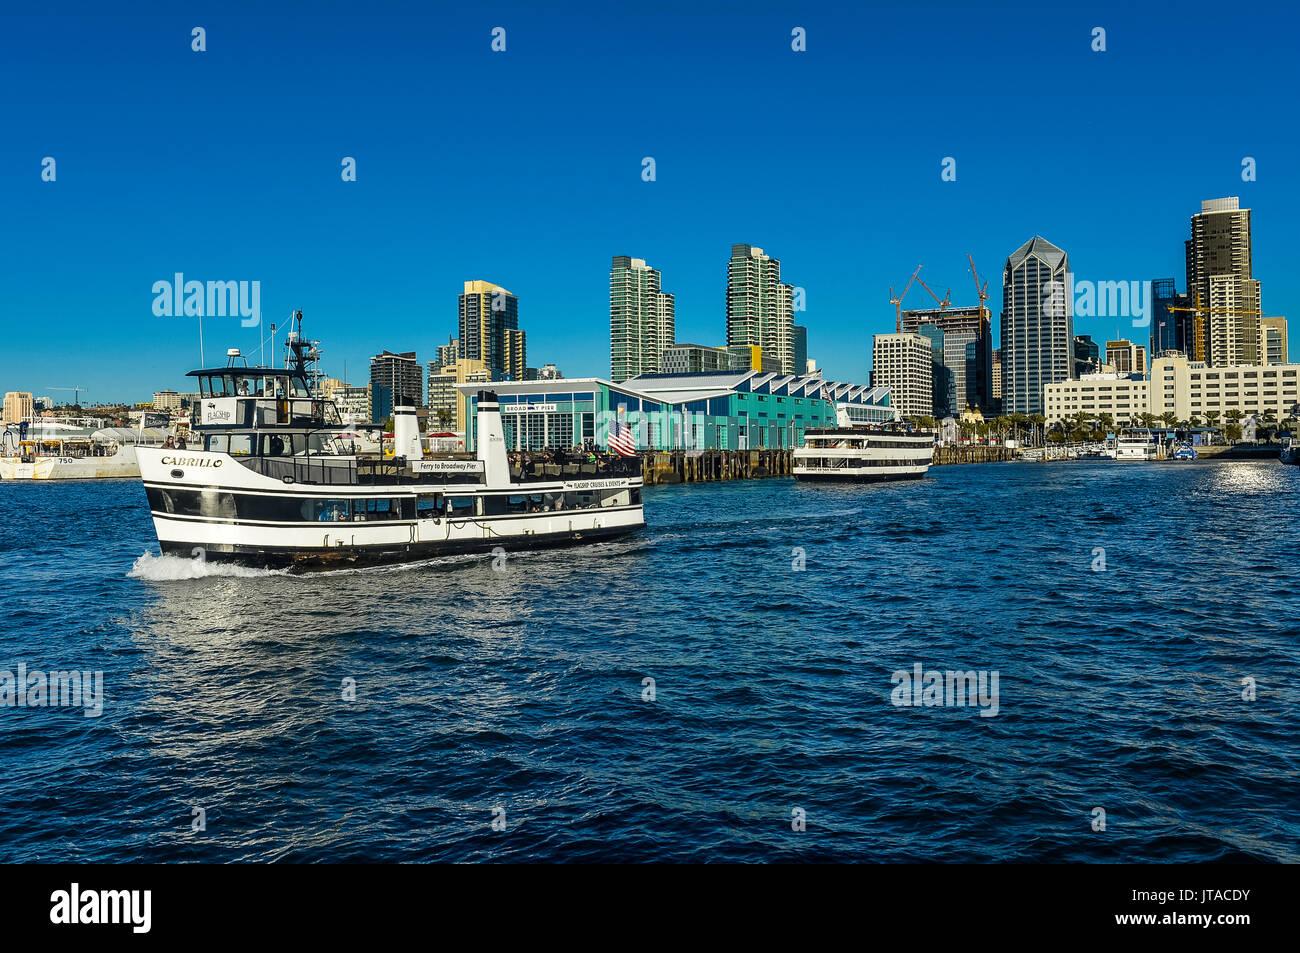 Poco turismo de cruceros con el horizonte en el fondo, el puerto de San Diego, California, Estados Unidos de América, América del Norte Imagen De Stock